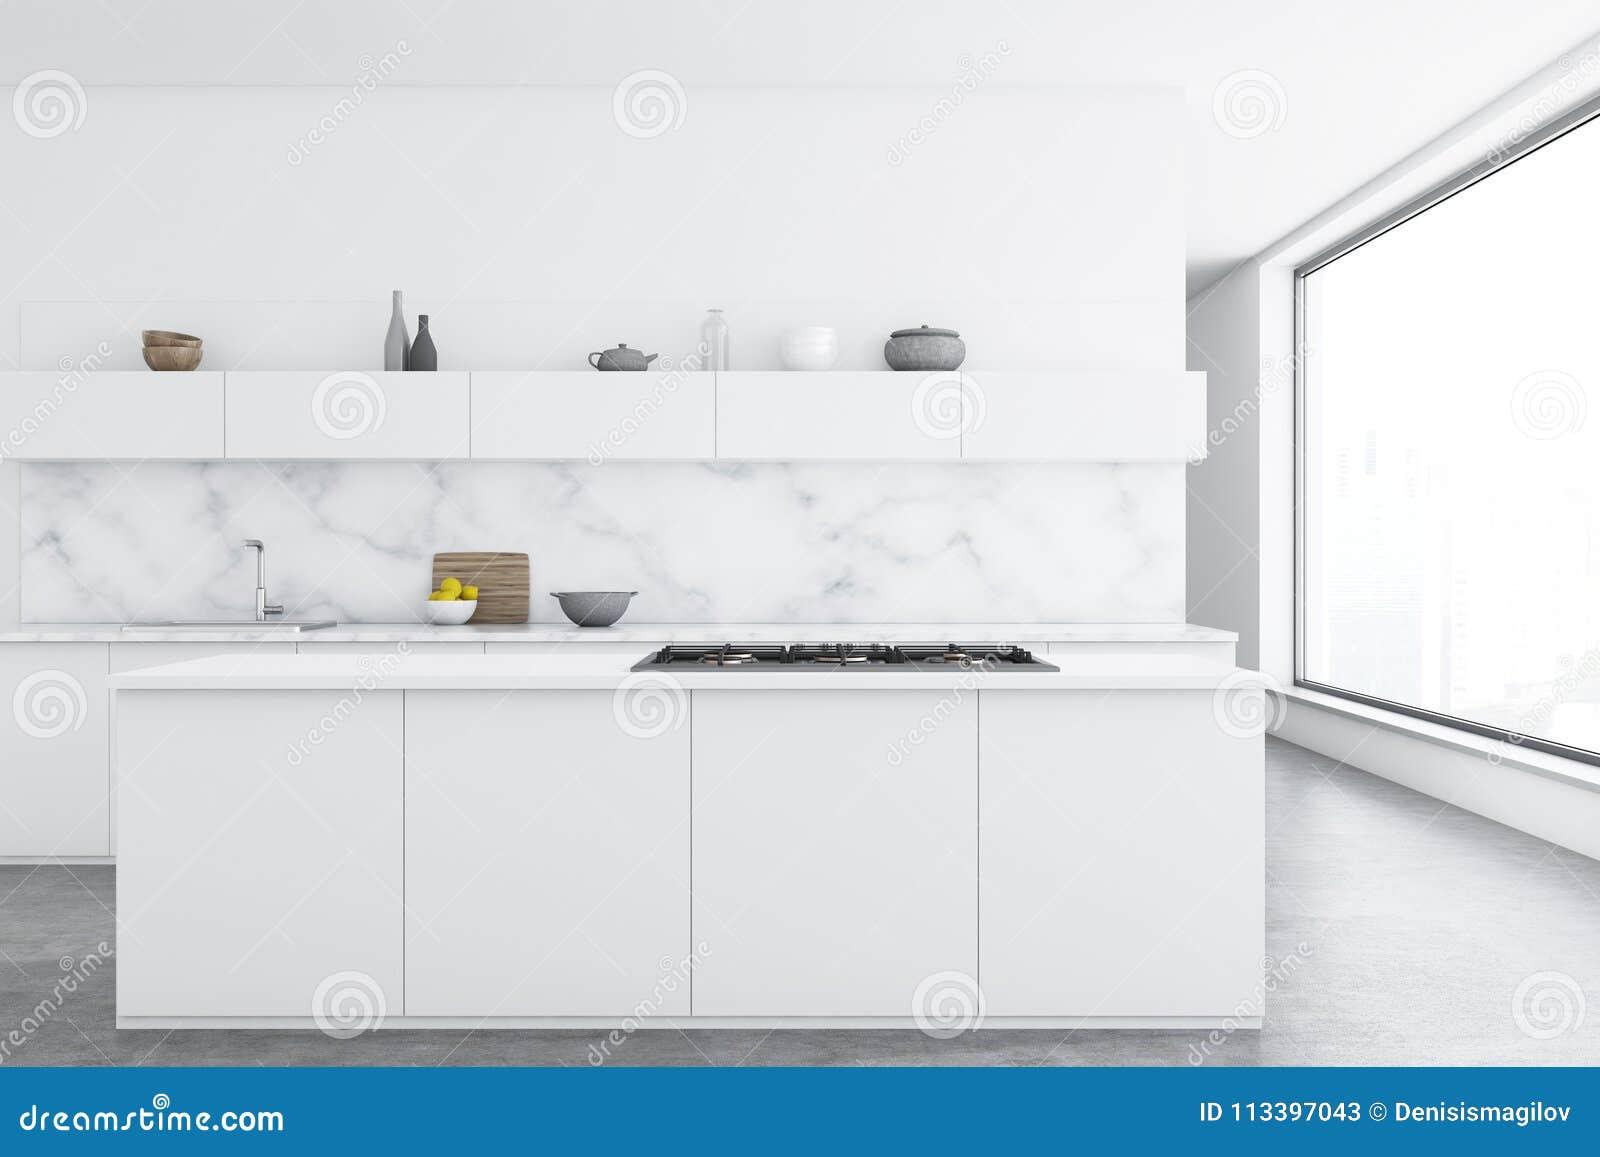 Keuken Bar Muur : Marmeren keuken witte tellers bar stock illustratie